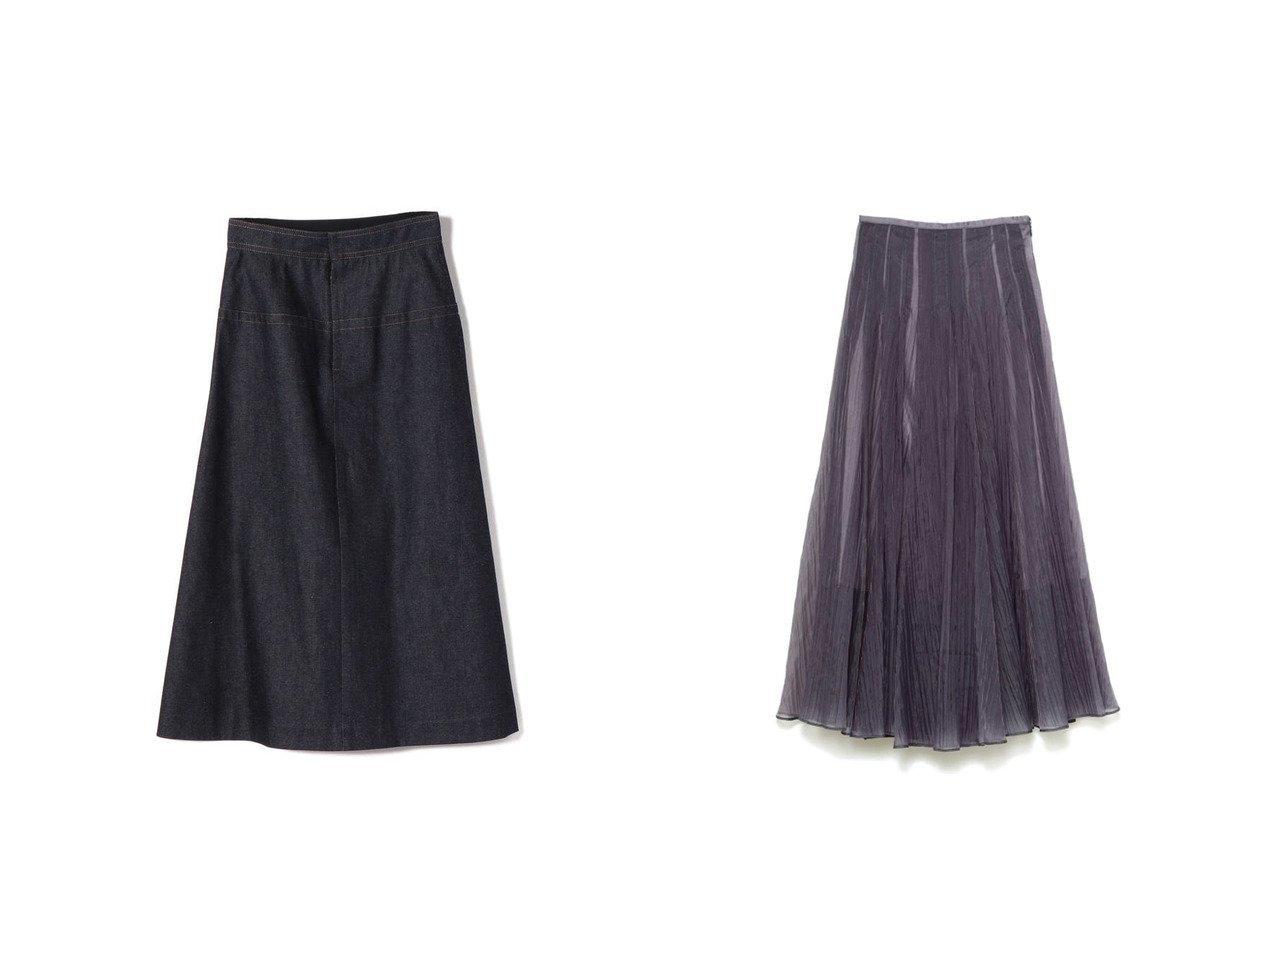 【SHIPS/シップス フォー ウィメン】のNell デニムAラインスカート&【SNIDEL/スナイデル】のシアータックボリュームスカート スカートのおすすめ!人気、トレンド・レディースファッションの通販 おすすめで人気の流行・トレンド、ファッションの通販商品 メンズファッション・キッズファッション・インテリア・家具・レディースファッション・服の通販 founy(ファニー) https://founy.com/ ファッション Fashion レディースファッション WOMEN スカート Skirt Aライン/フレアスカート Flared A-Line Skirts デニム エアリー オレンジ 春 Spring シアー スマート フレア ミックス 2021年 2021 S/S 春夏 SS Spring/Summer 2021 春夏 S/S SS Spring/Summer 2021 |ID:crp329100000015808